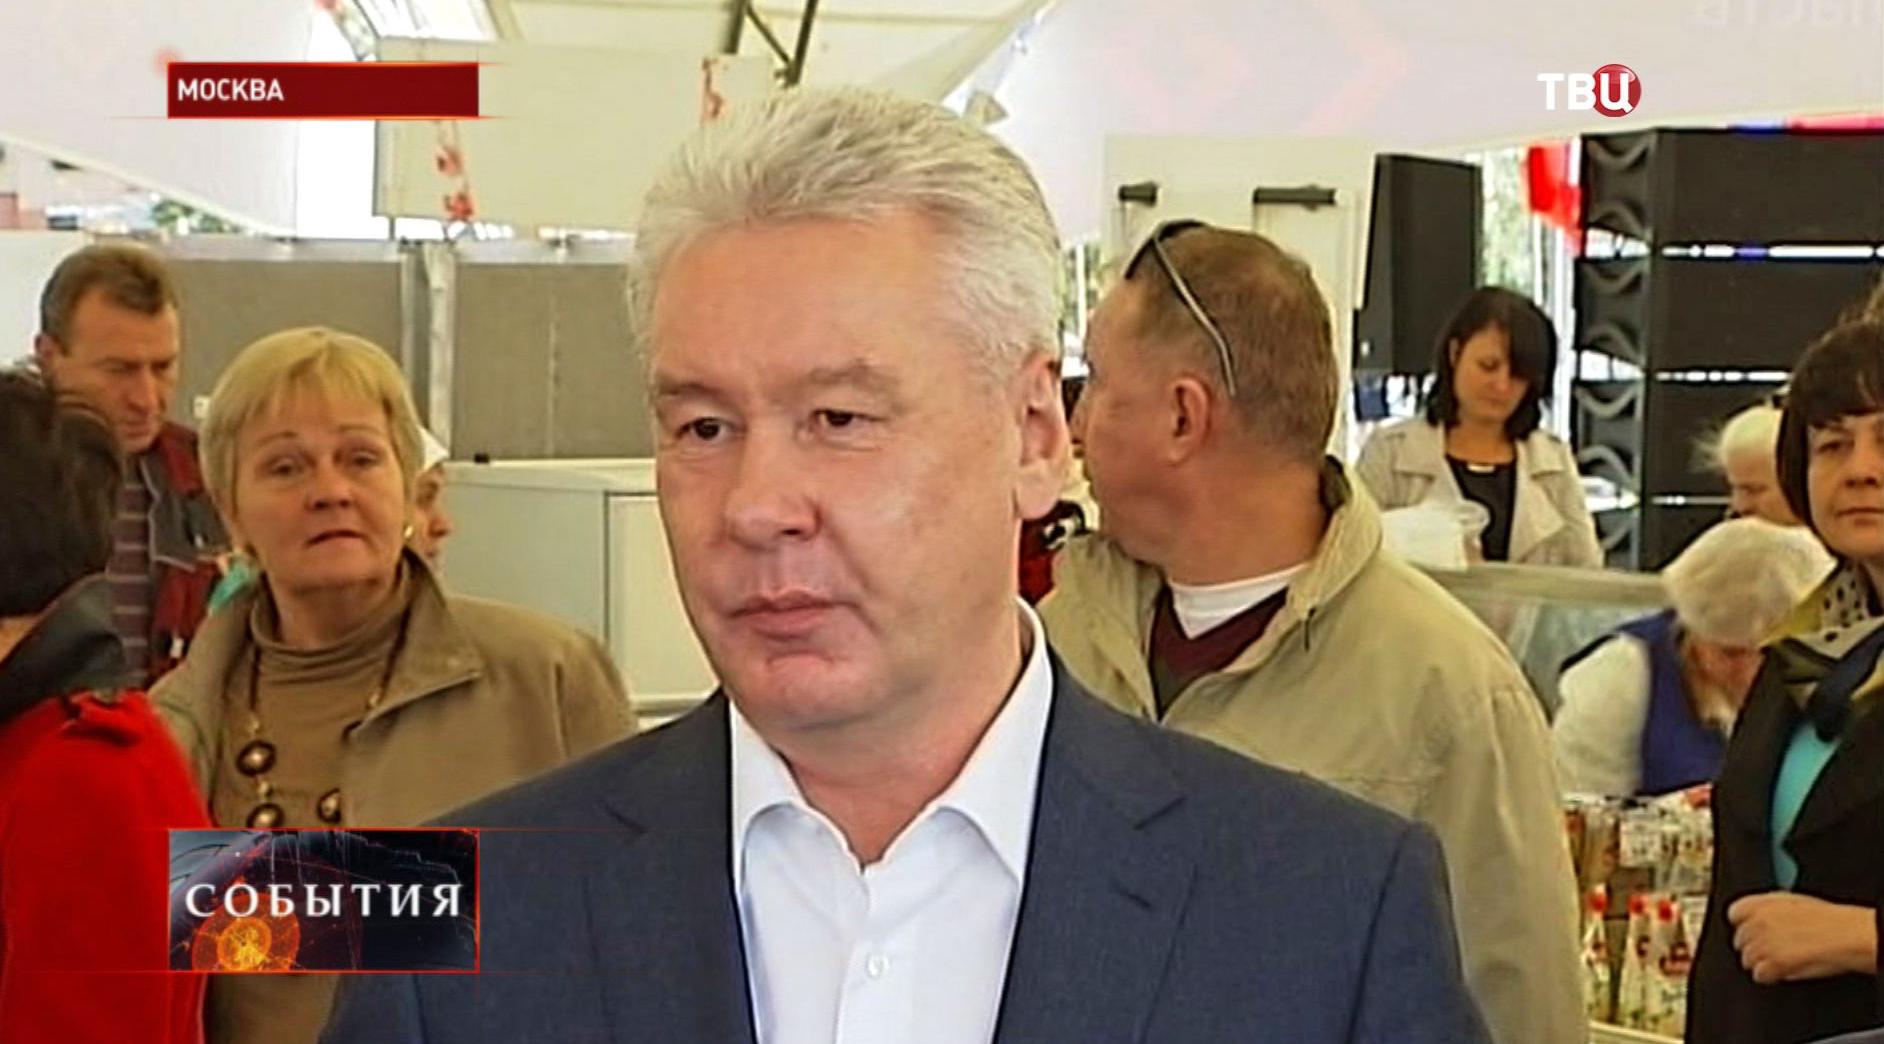 Сергей Собянин на ярмарке Рязанской области в Кузьминках